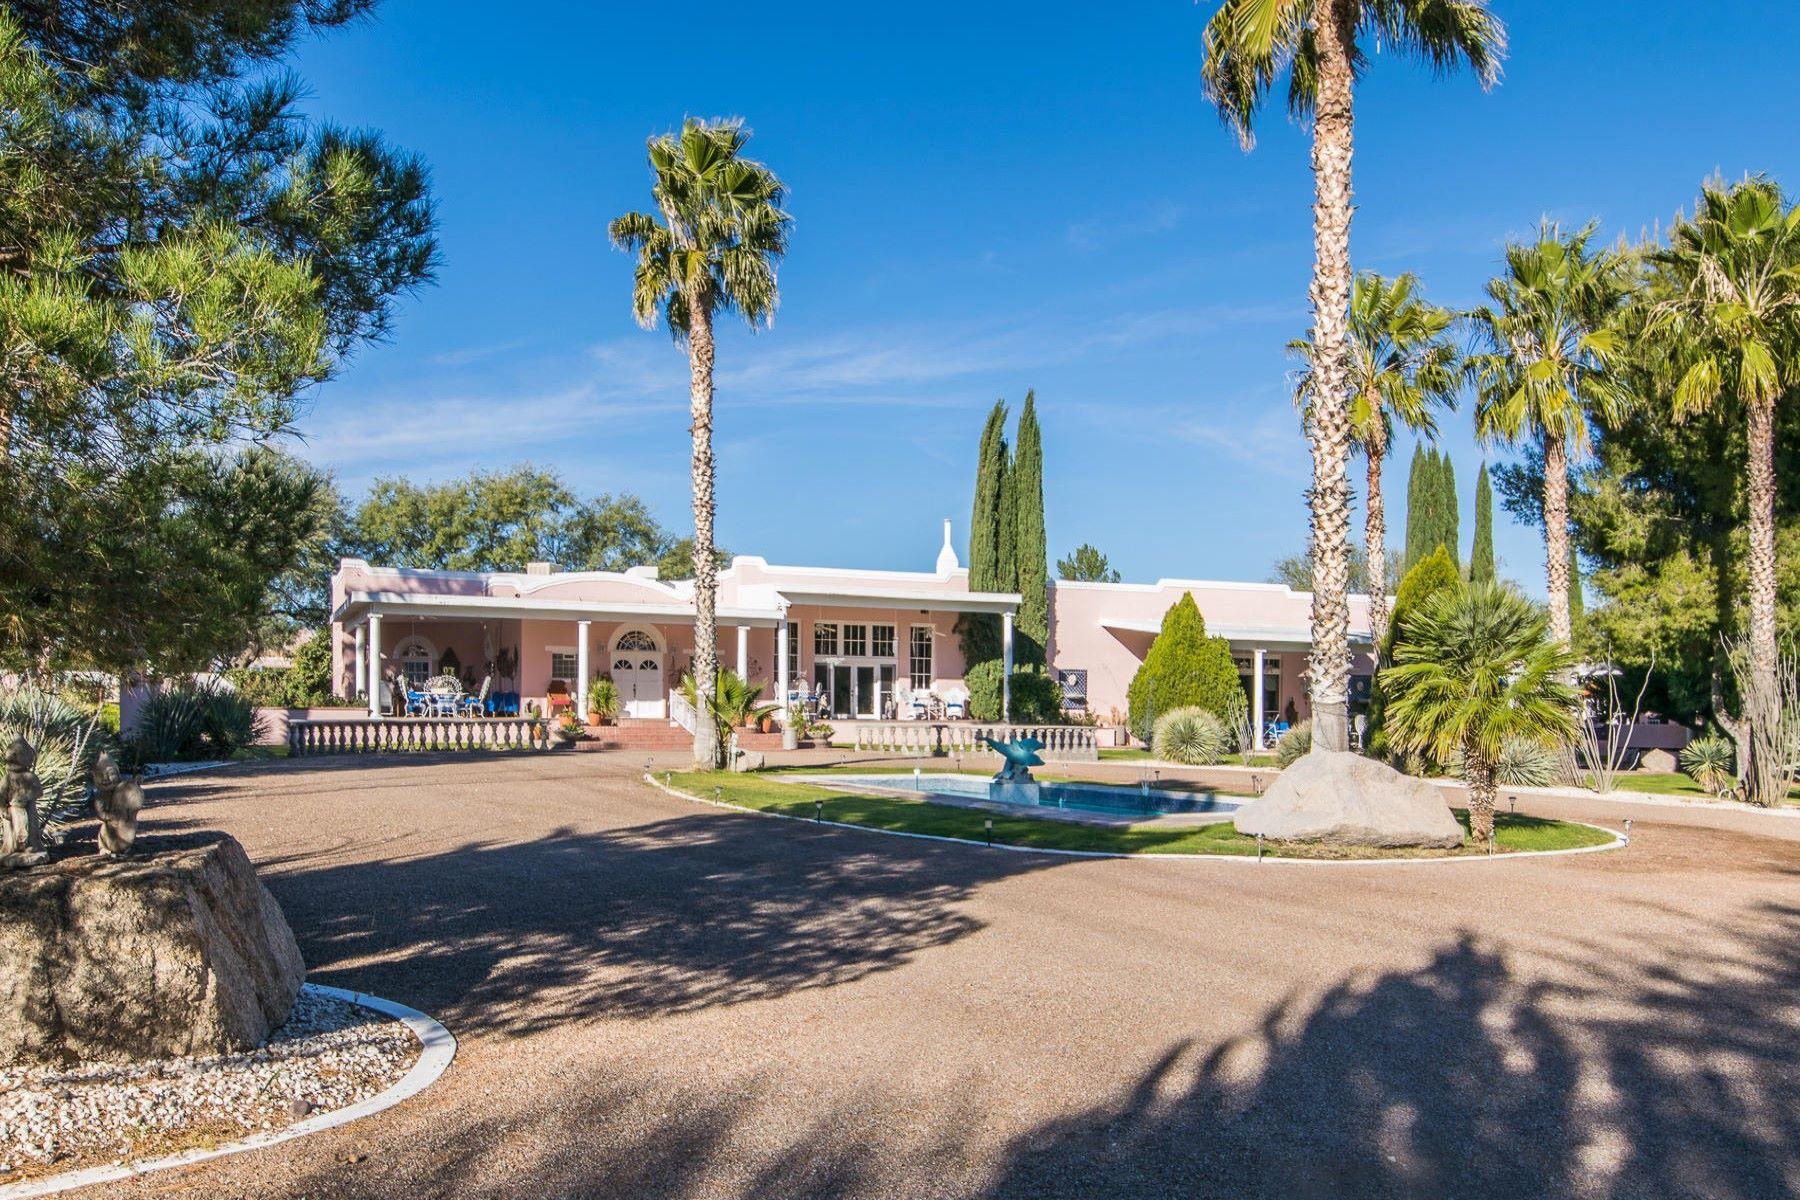 Maison unifamiliale pour l Vente à Fabled Amado Schoolhouse transformed into an extraordinary private home 8 Amado Montosa Rd Amado, Arizona, 85645 États-Unis